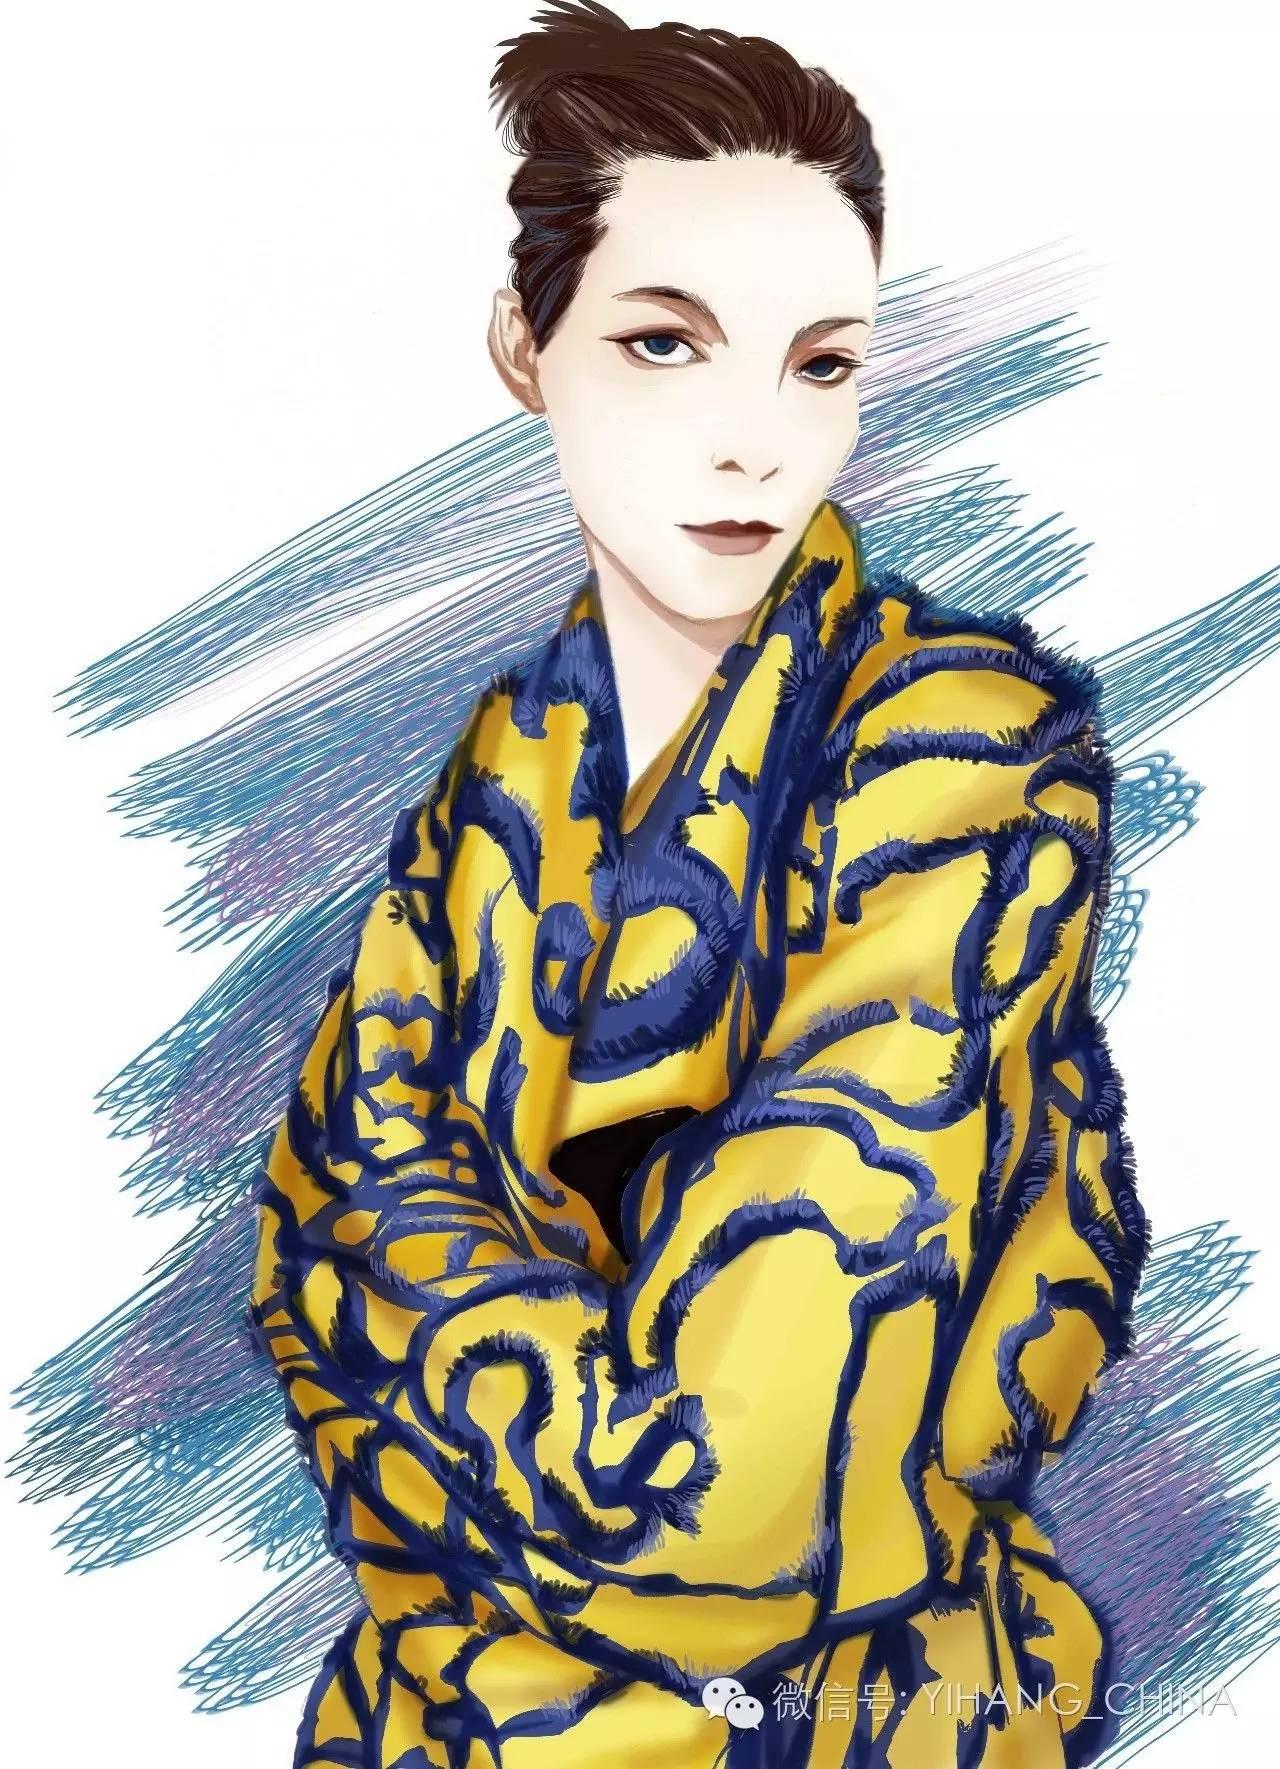 手绘彩铅服饰图片